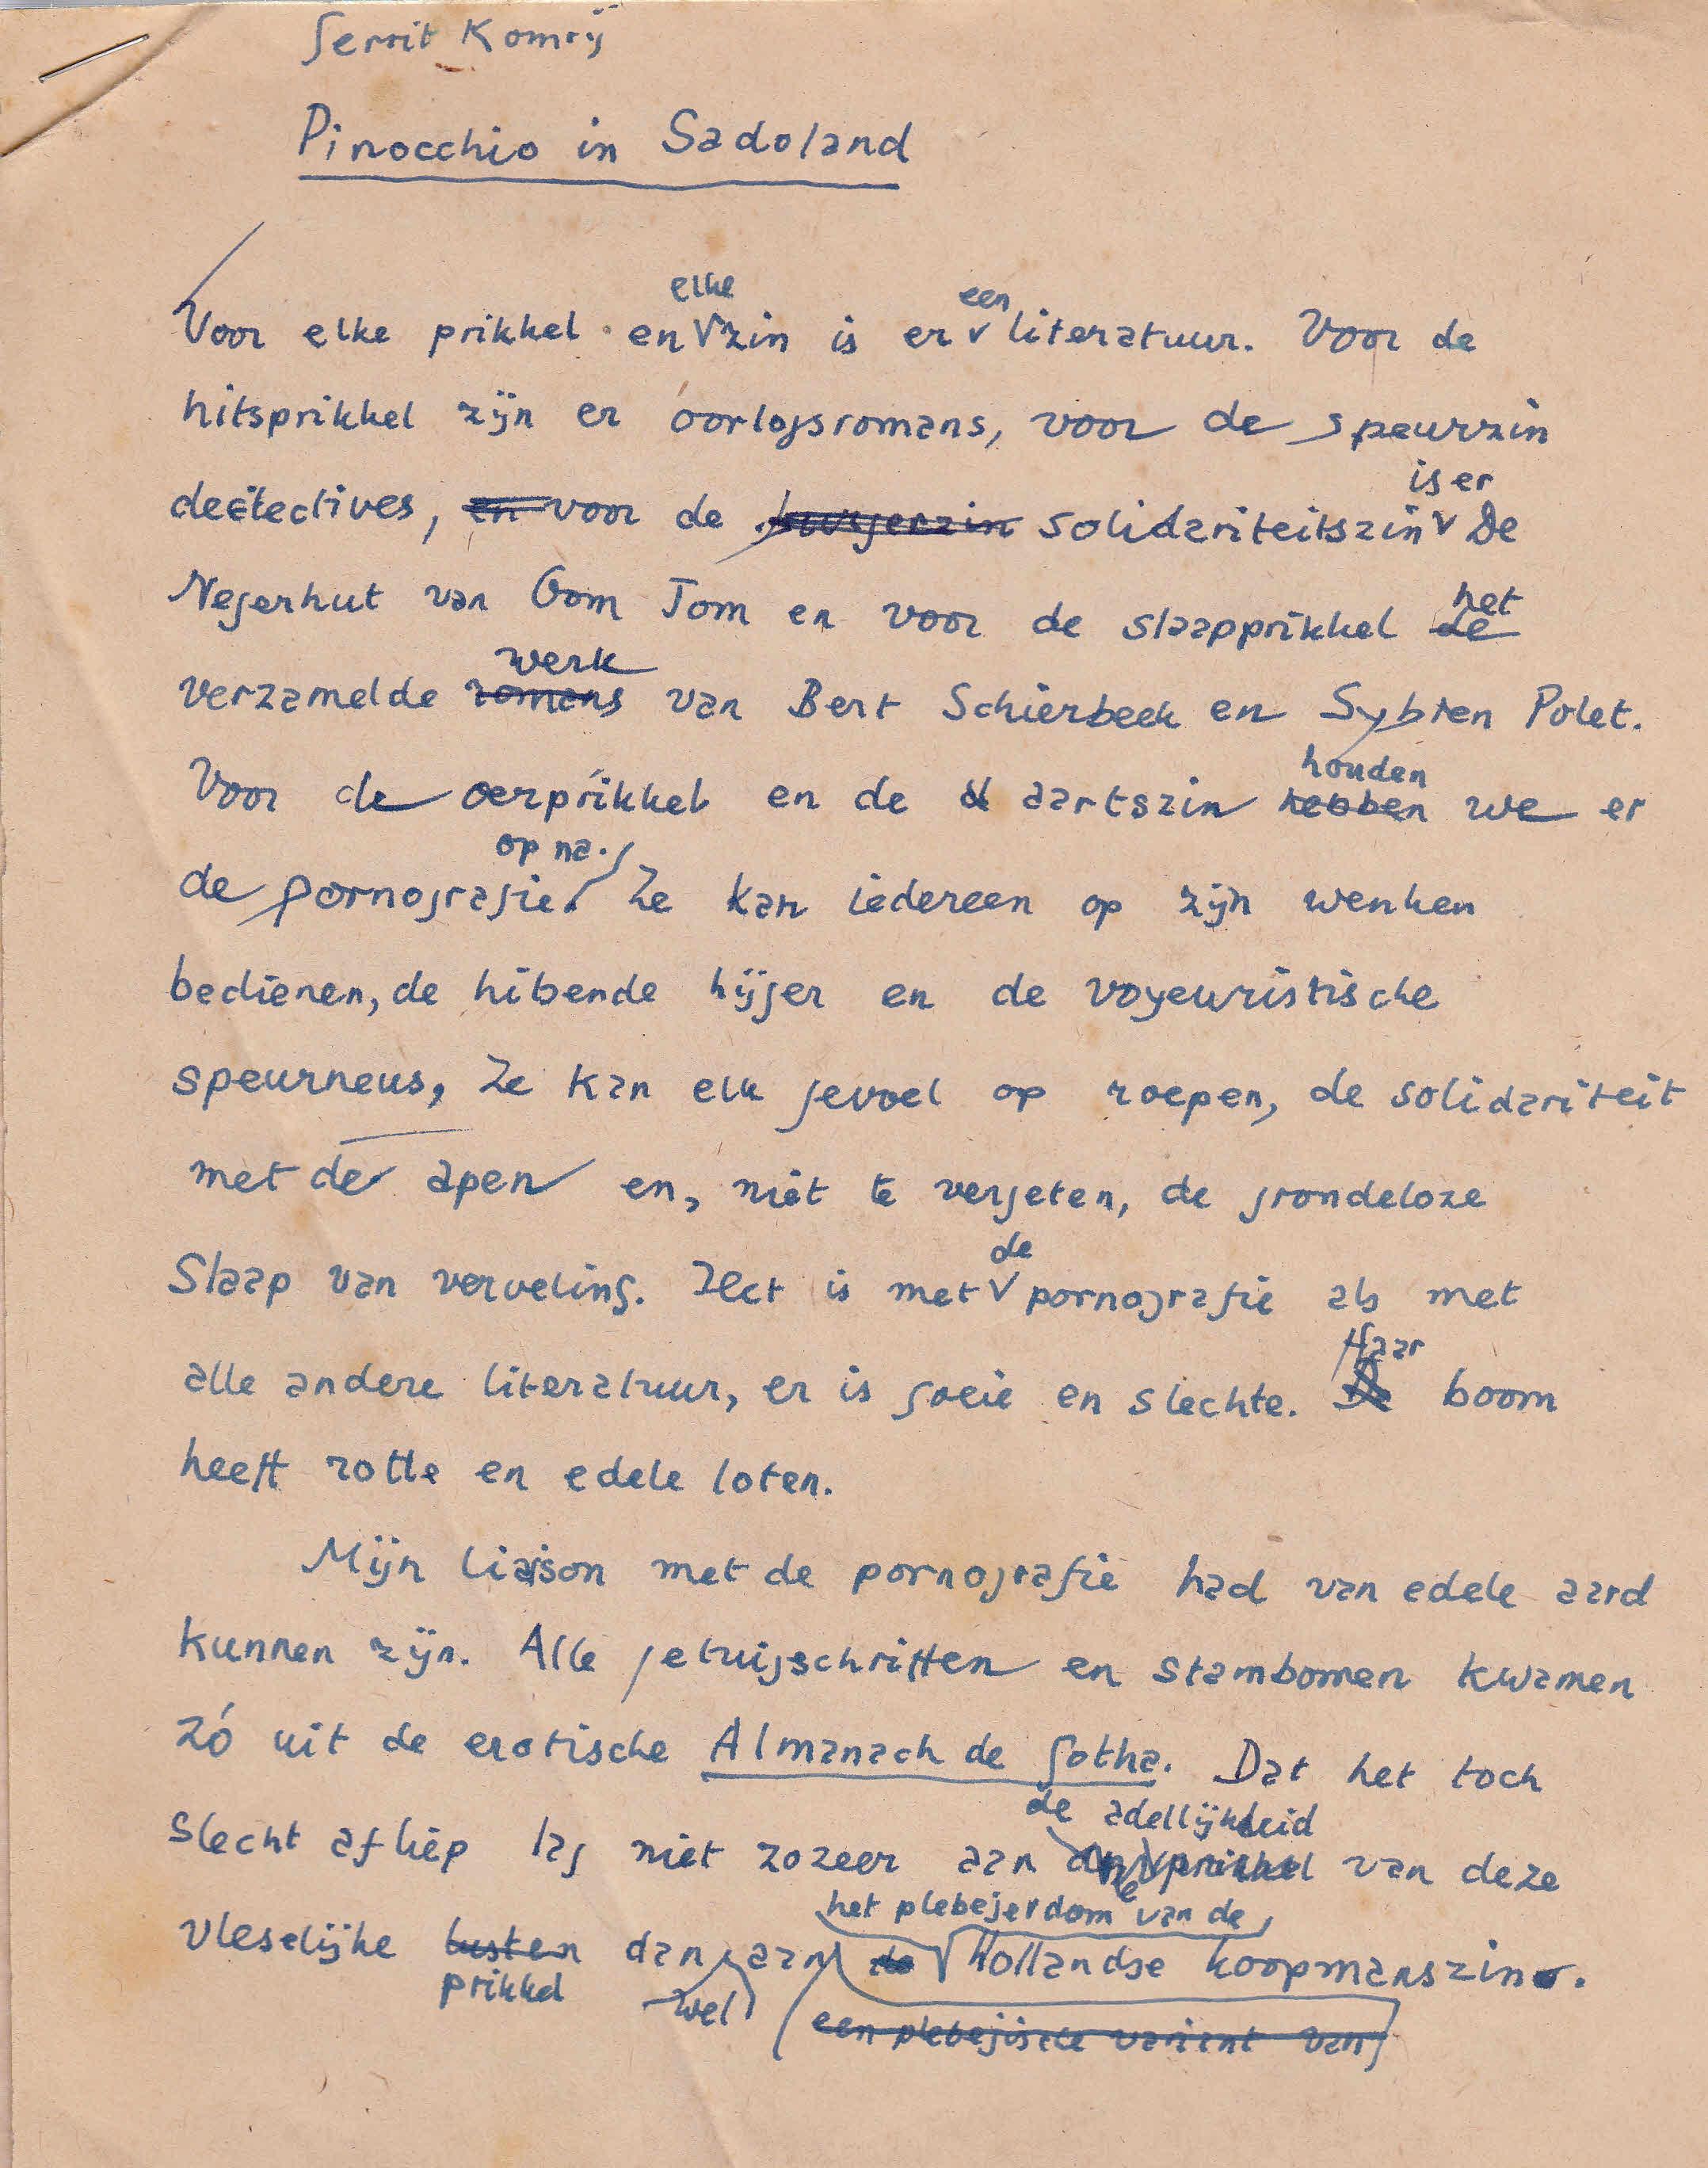 Gerrit Komrij - Pinocchio in Sadoland  - Gerrit Komrij Origineel handschrift